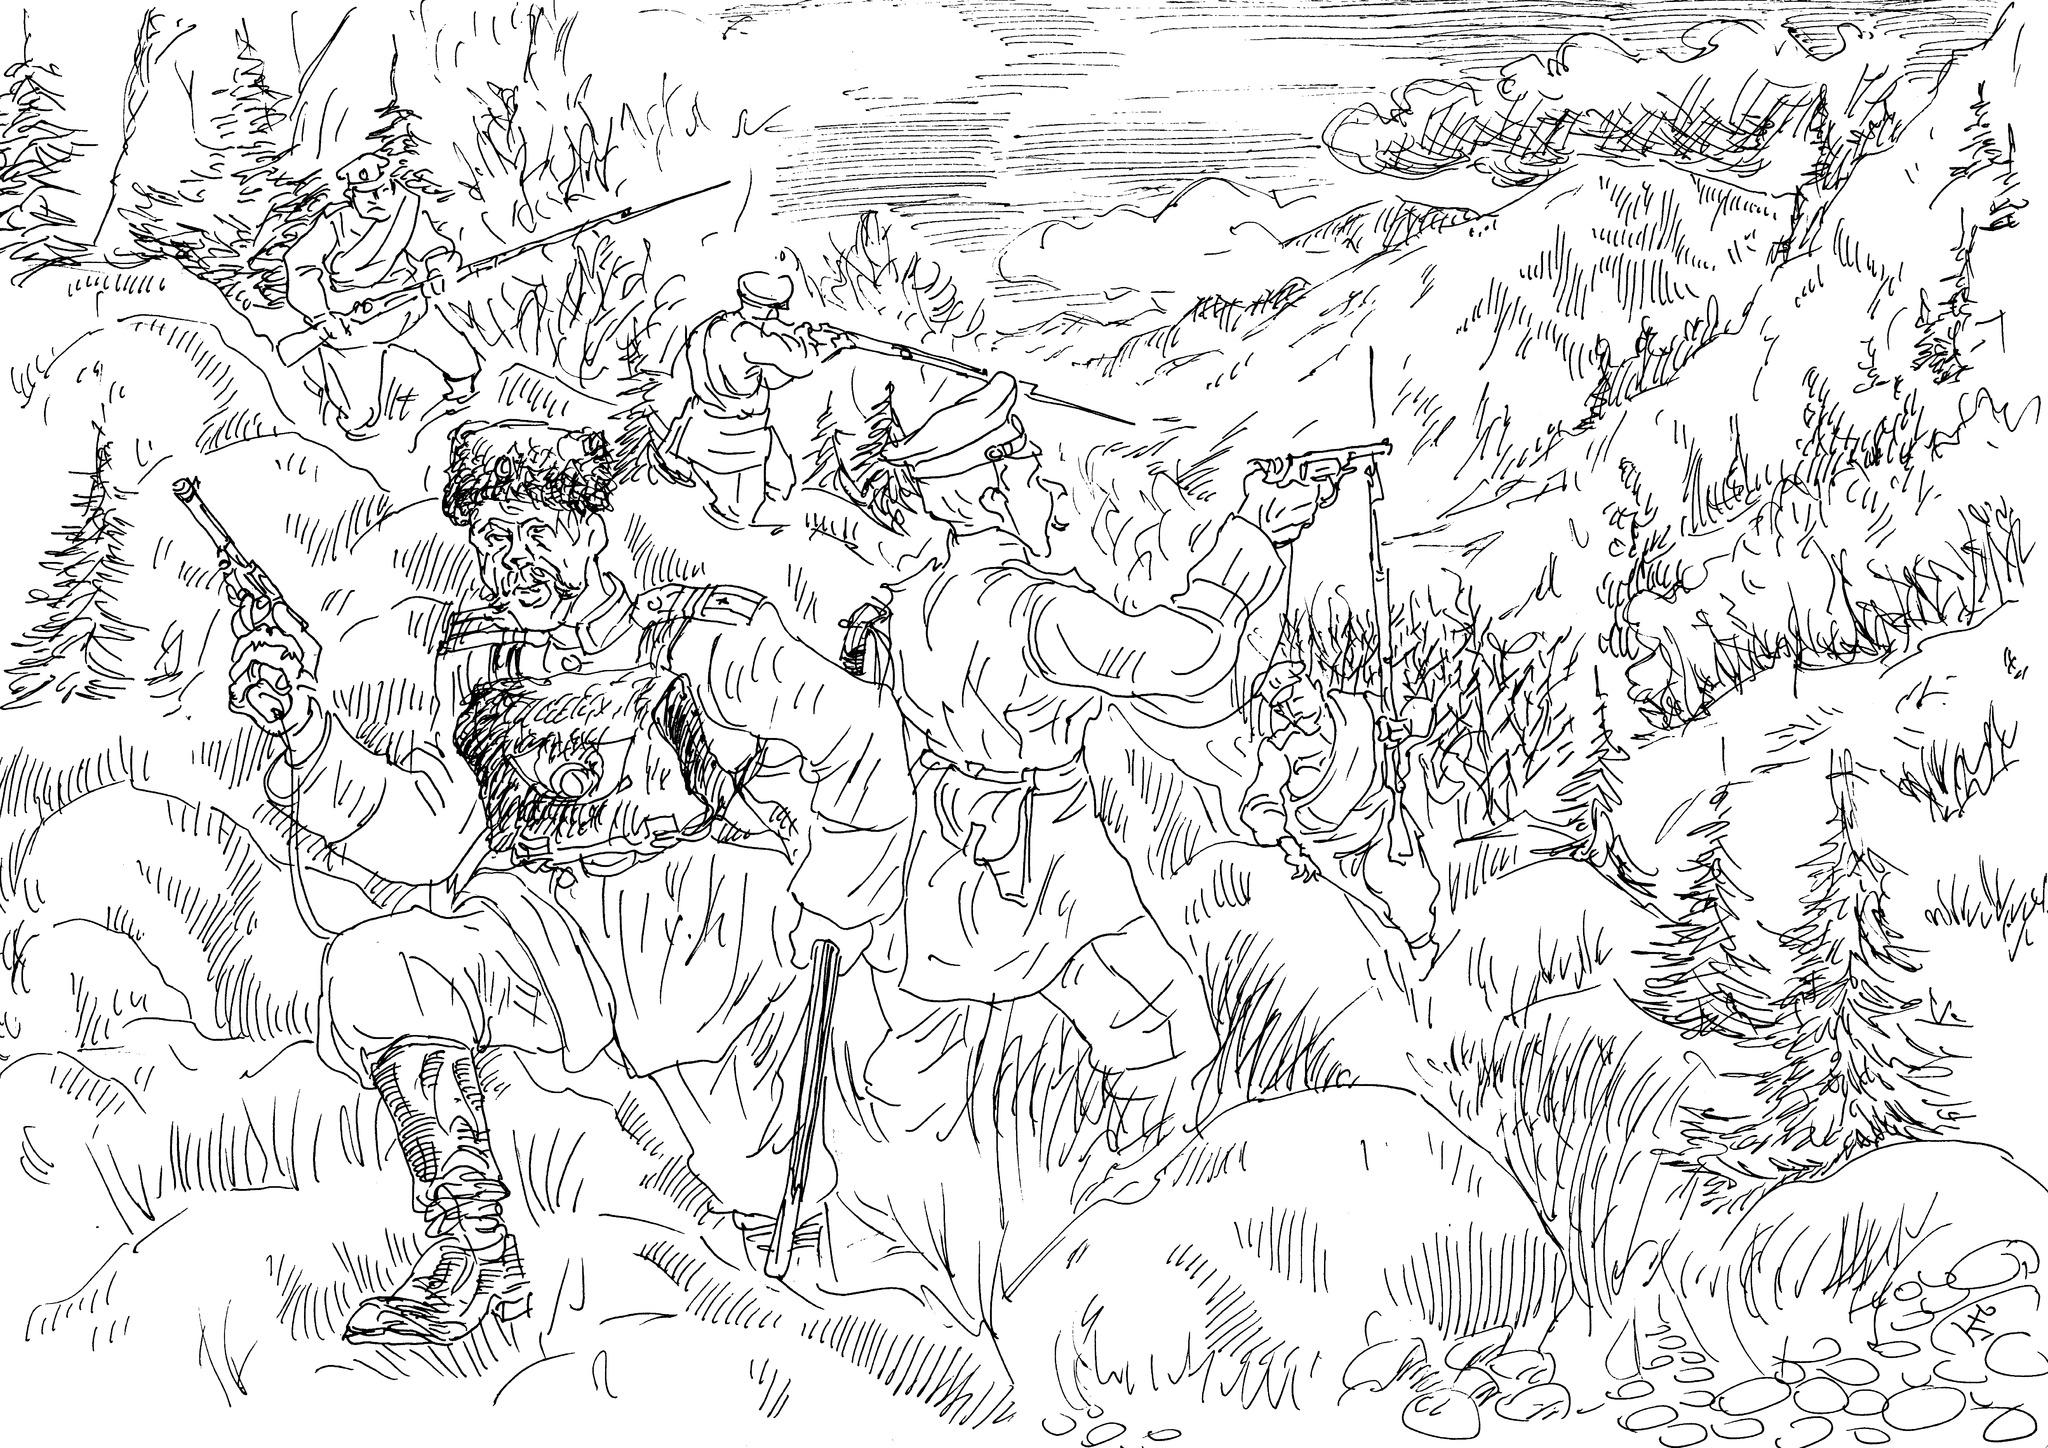 Русско-японская война. Фельдъегерь с сумкой на груди доставляет почту